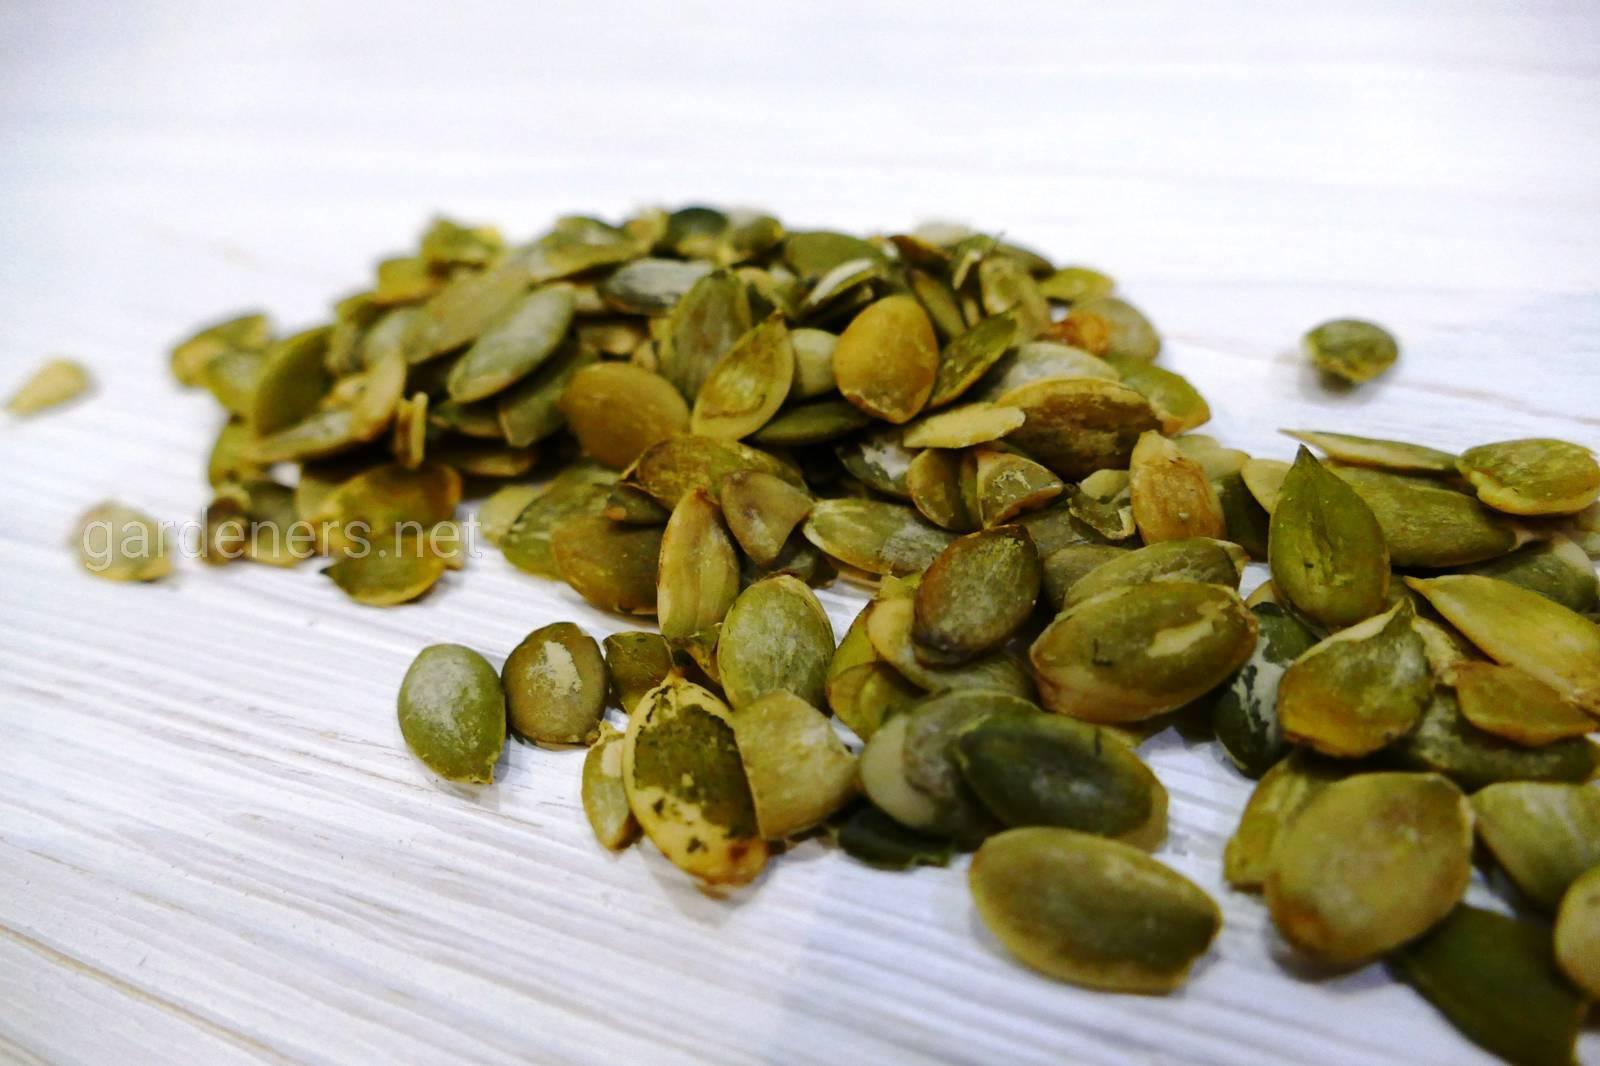 семена тыквы.JPG